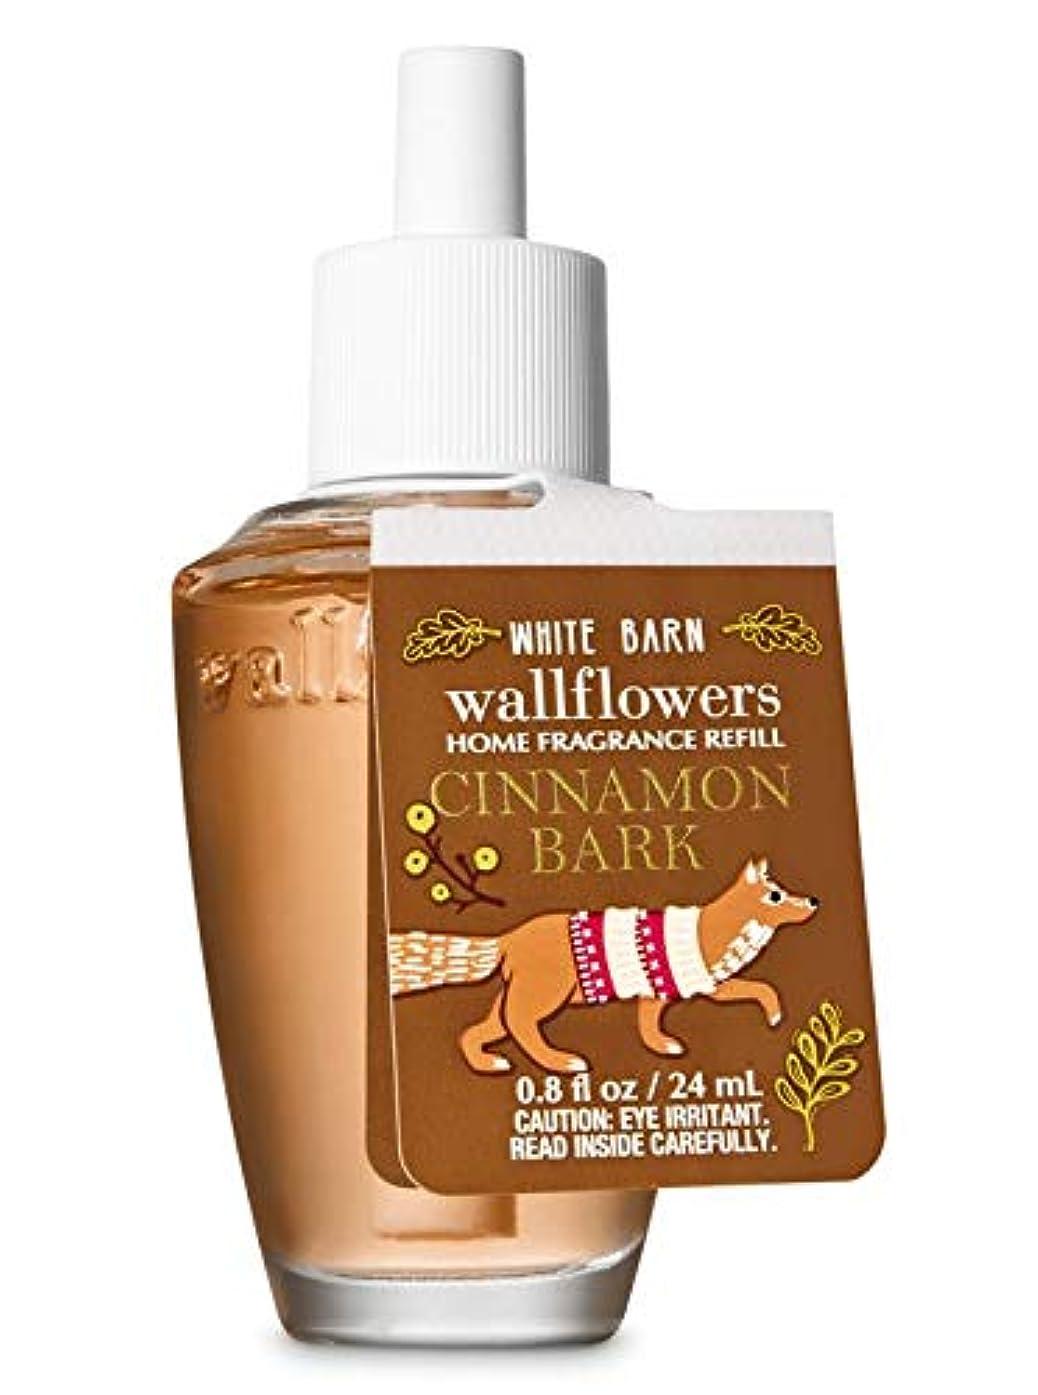 財団大騒ぎ審判【Bath&Body Works/バス&ボディワークス】 ルームフレグランス 詰替えリフィル シナモンバーク Wallflowers Home Fragrance Refill Cinnamon Bark [並行輸入品]